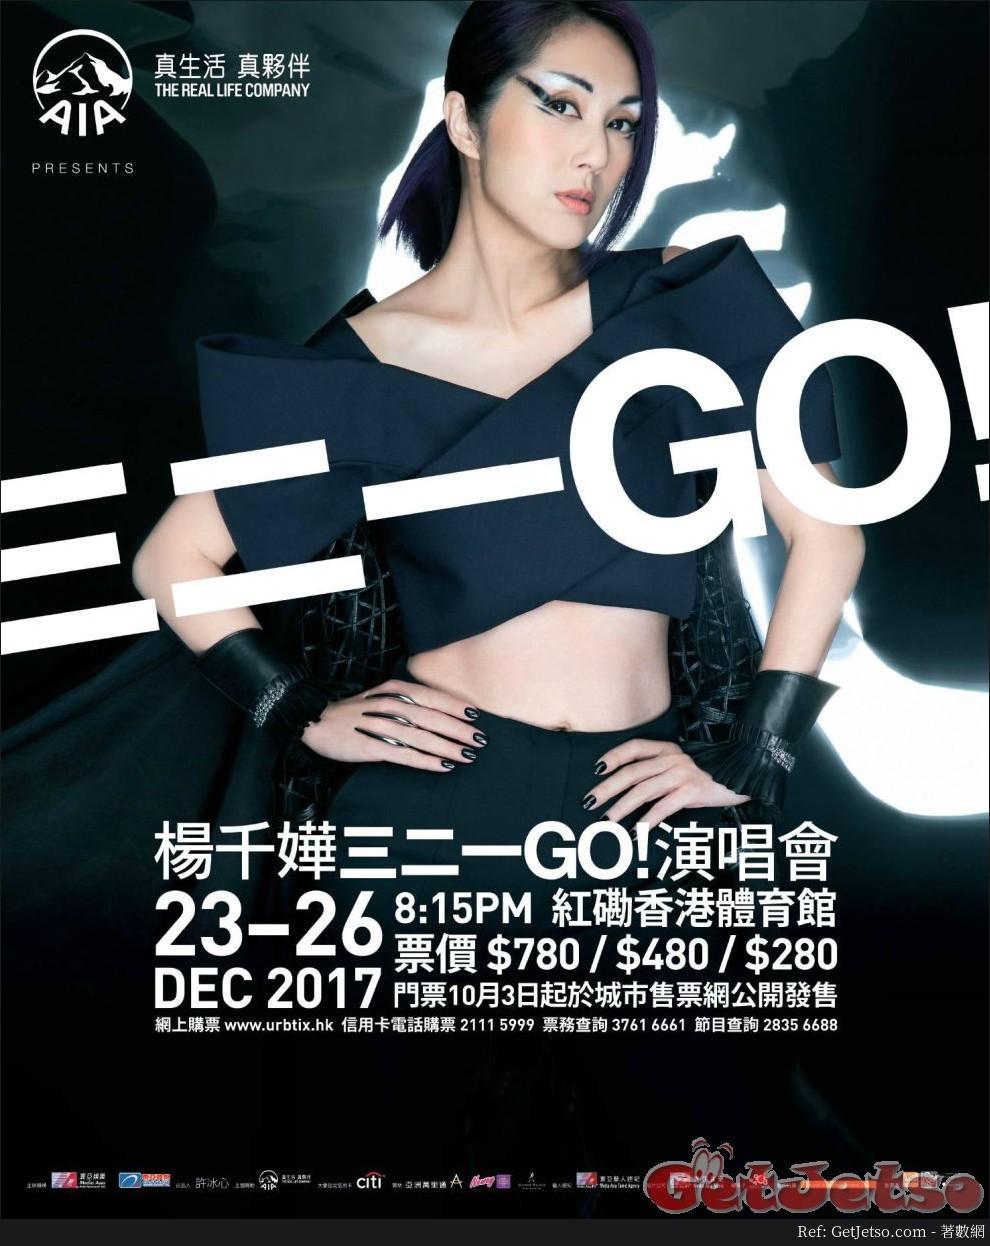 楊千嬅《三二一Go!》演唱會10月3日公開發售